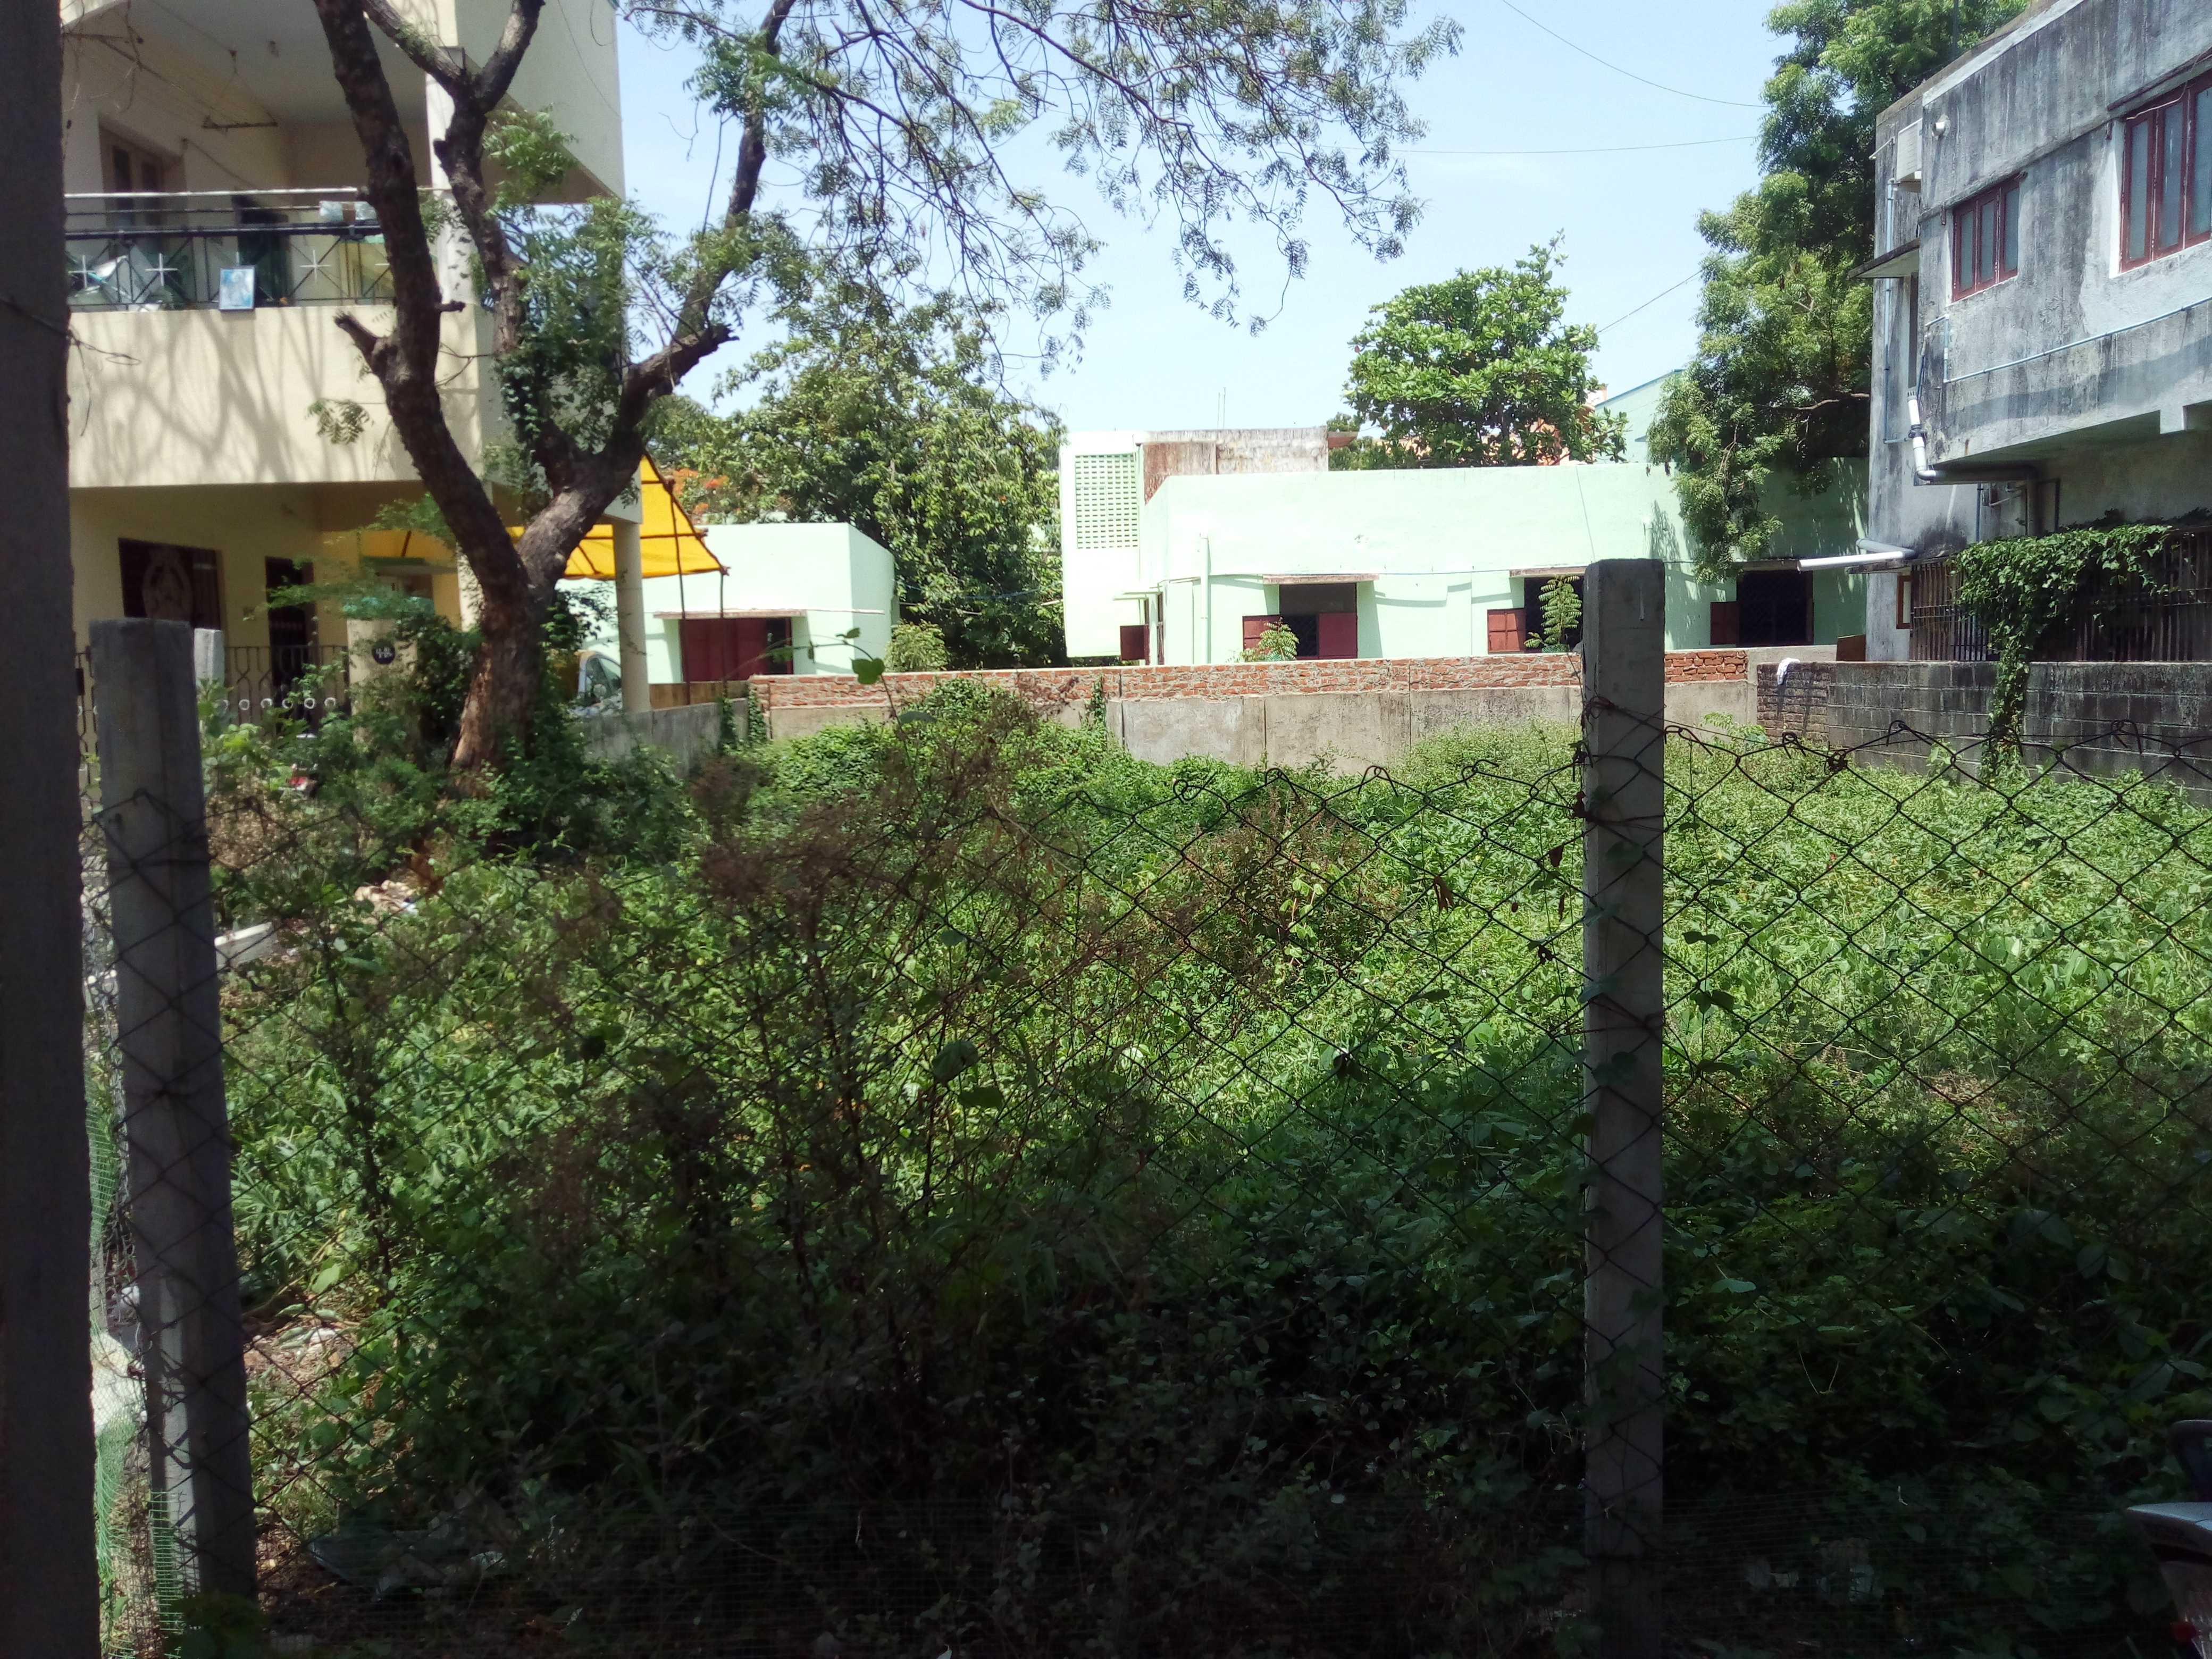 1559812653_banner_Saligramam1.jpg